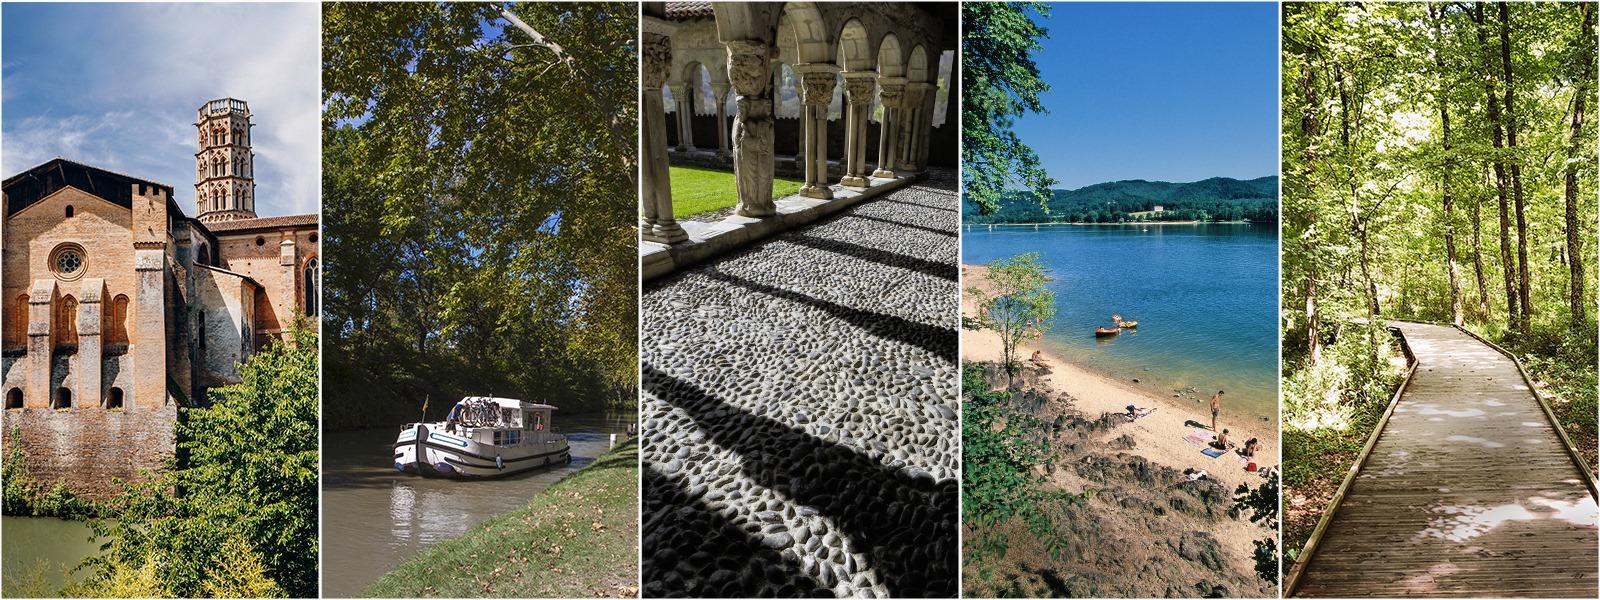 Vacnces solidaire en Haute-Garonne